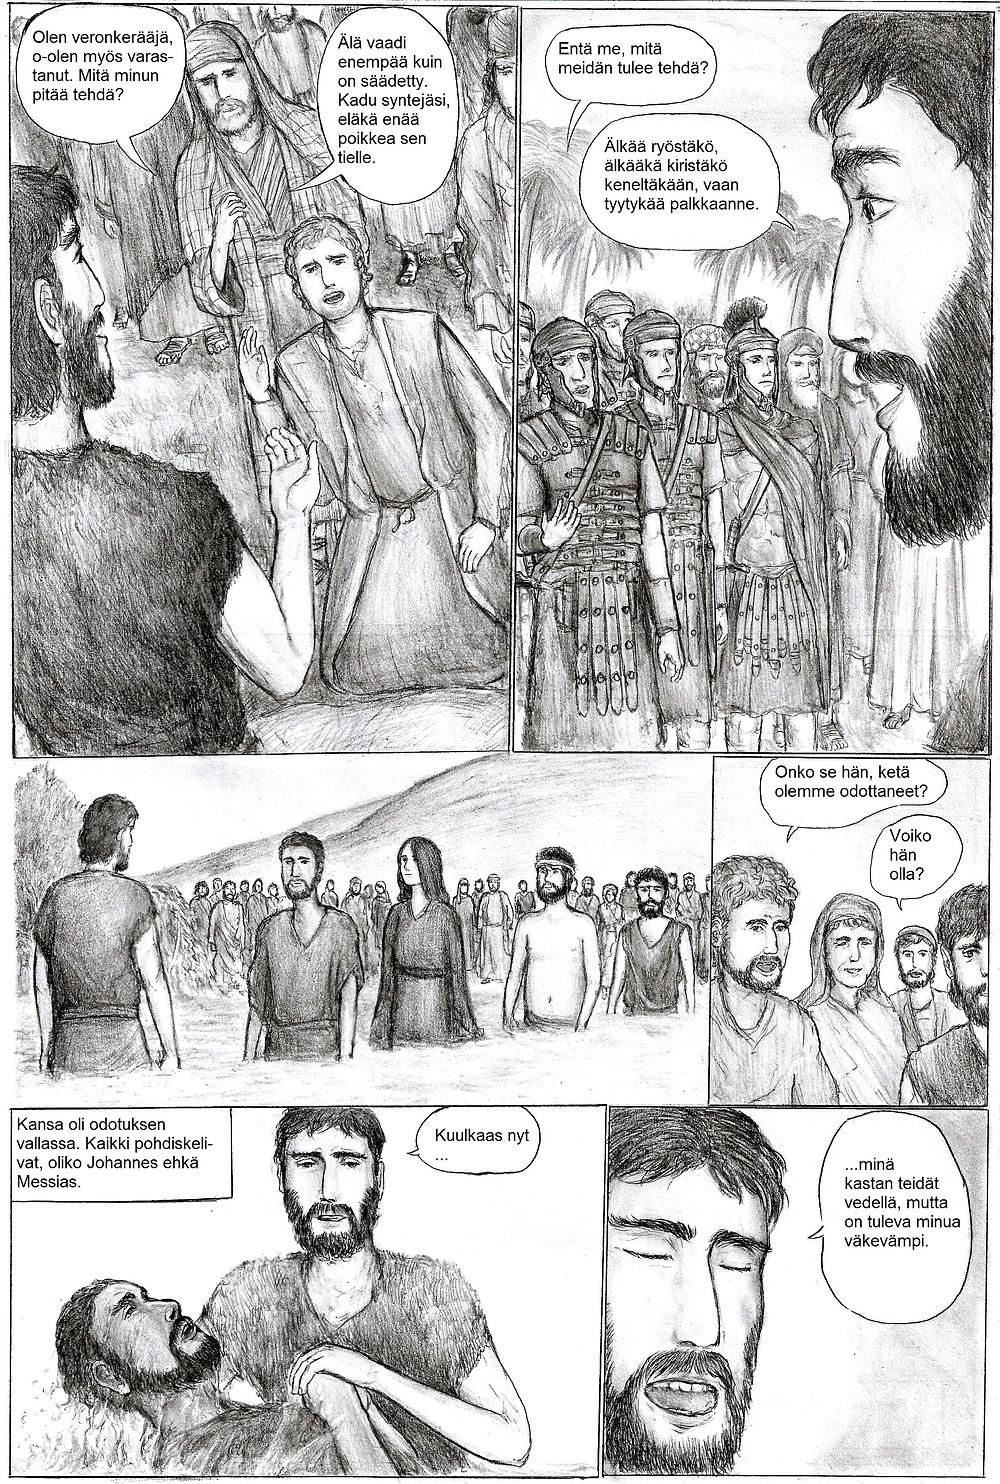 """Johannes käski kansalaisia tekemään niin kuin oikein. Kansalaiset miettivät, voisiko Johannes olla messias, johon Johannes totesi: """"On tuleva minua väkevämpi."""""""